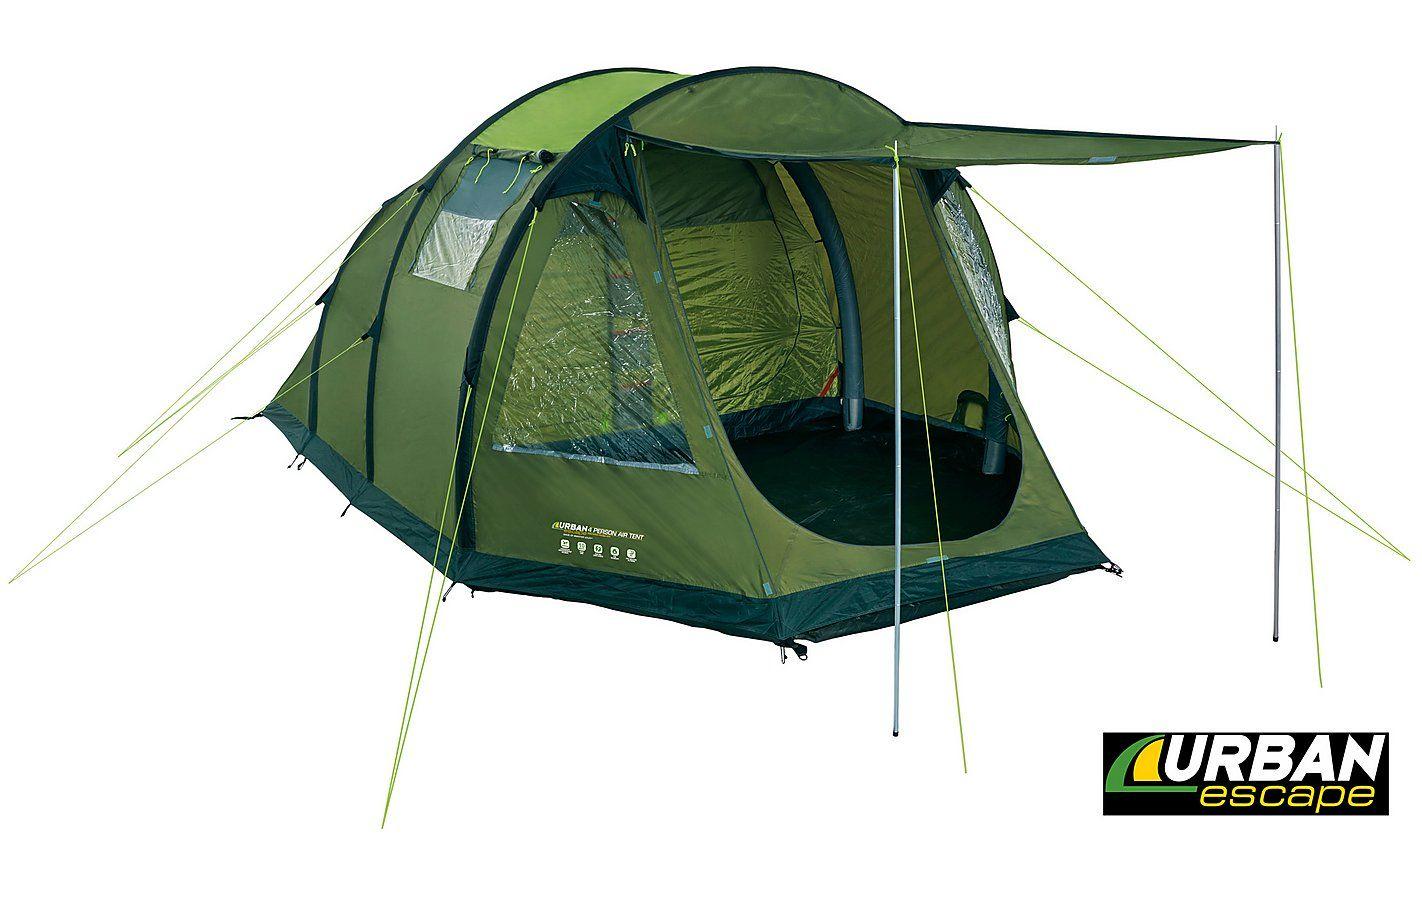 4 man urban escape tent